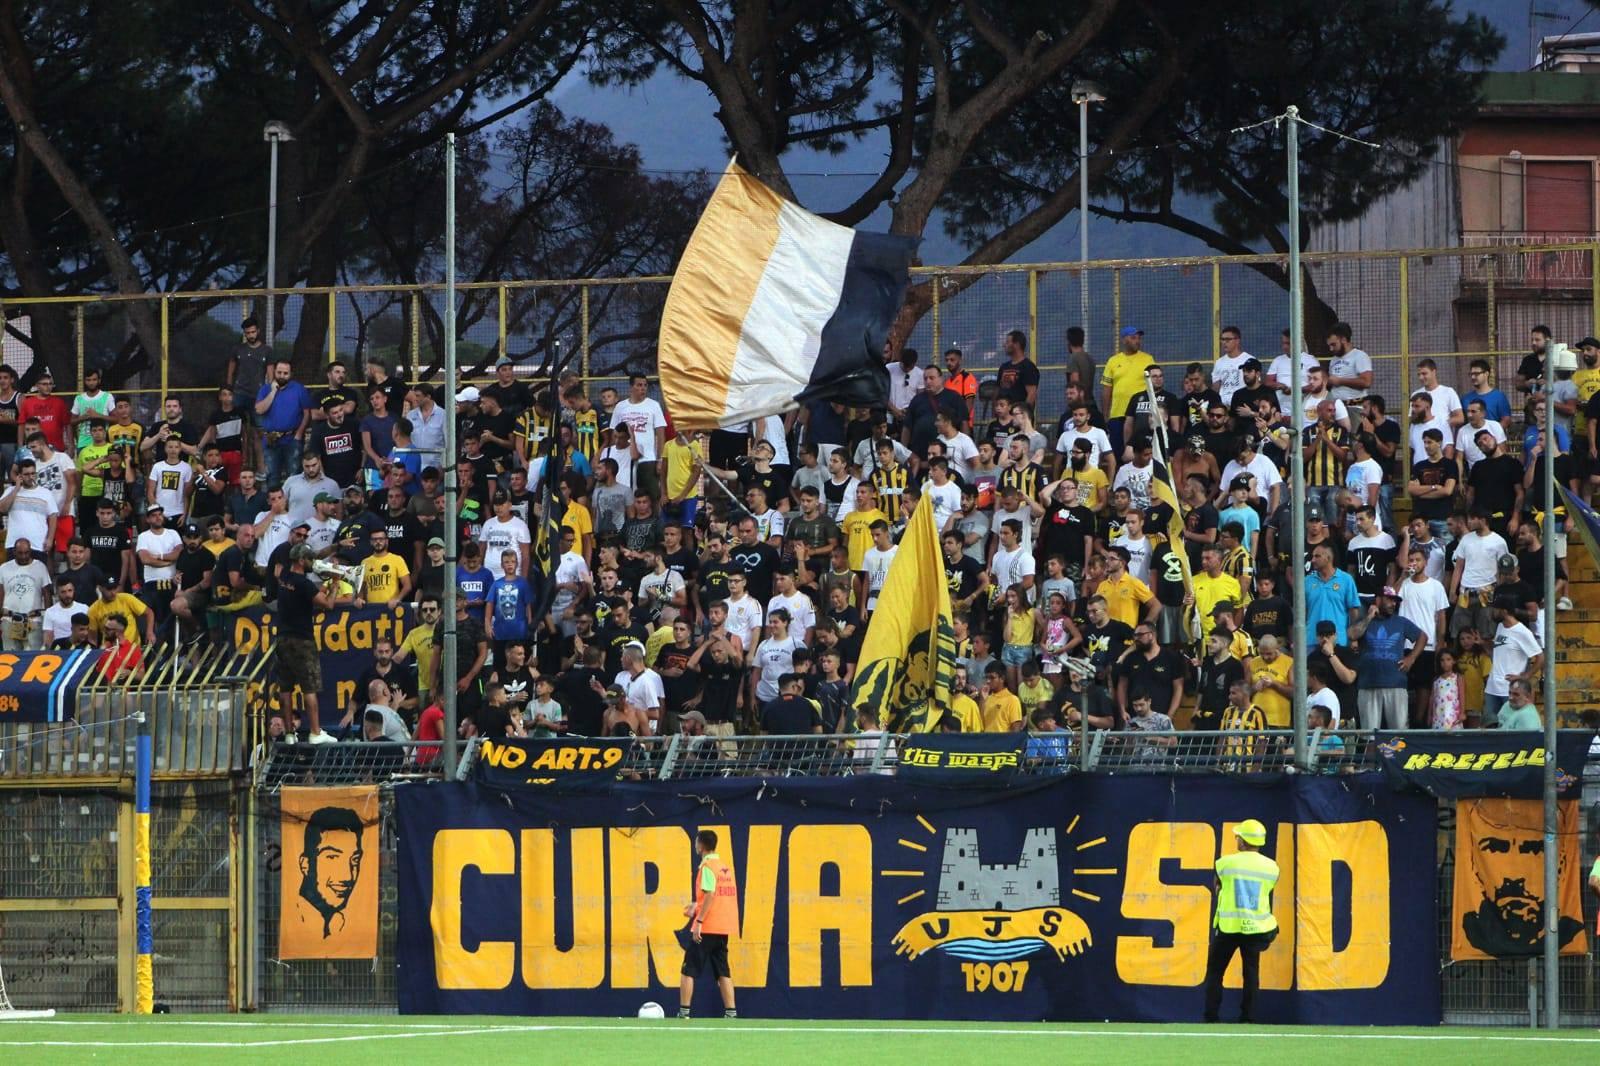 Juve Stabia-Potenza 25 settembre: si gioca per il gruppo C della Serie C. I padroni di casa vogliono restare a punteggio pieno.